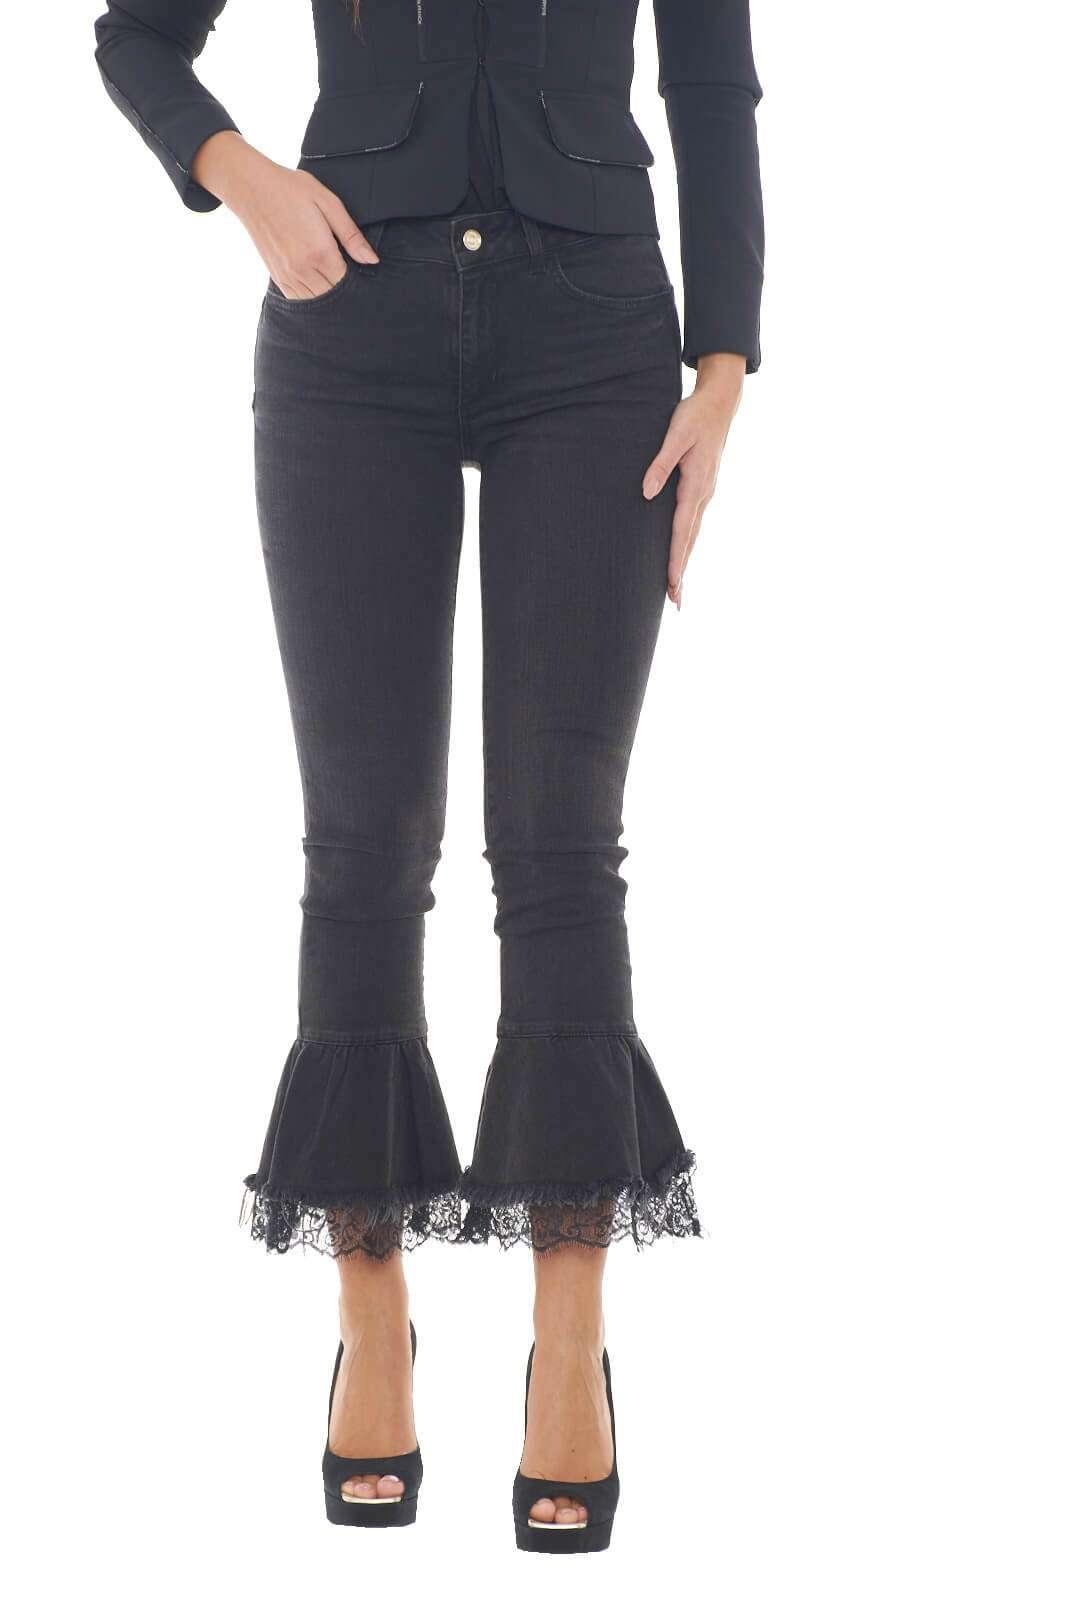 Un jeans per la donna che ama sorprendere con i suoi outfit. Quello firmato Liu Jo, è caratterizzato dalle rouches sul fondo, con gli inserti in pizzo applicati, che regalano un tocco estremamente chic. Perfetto da abbinare a tacchi alti, per slanciare l'intera silhouette.  La modella è alta 1,78m e indossa la taglia 28.